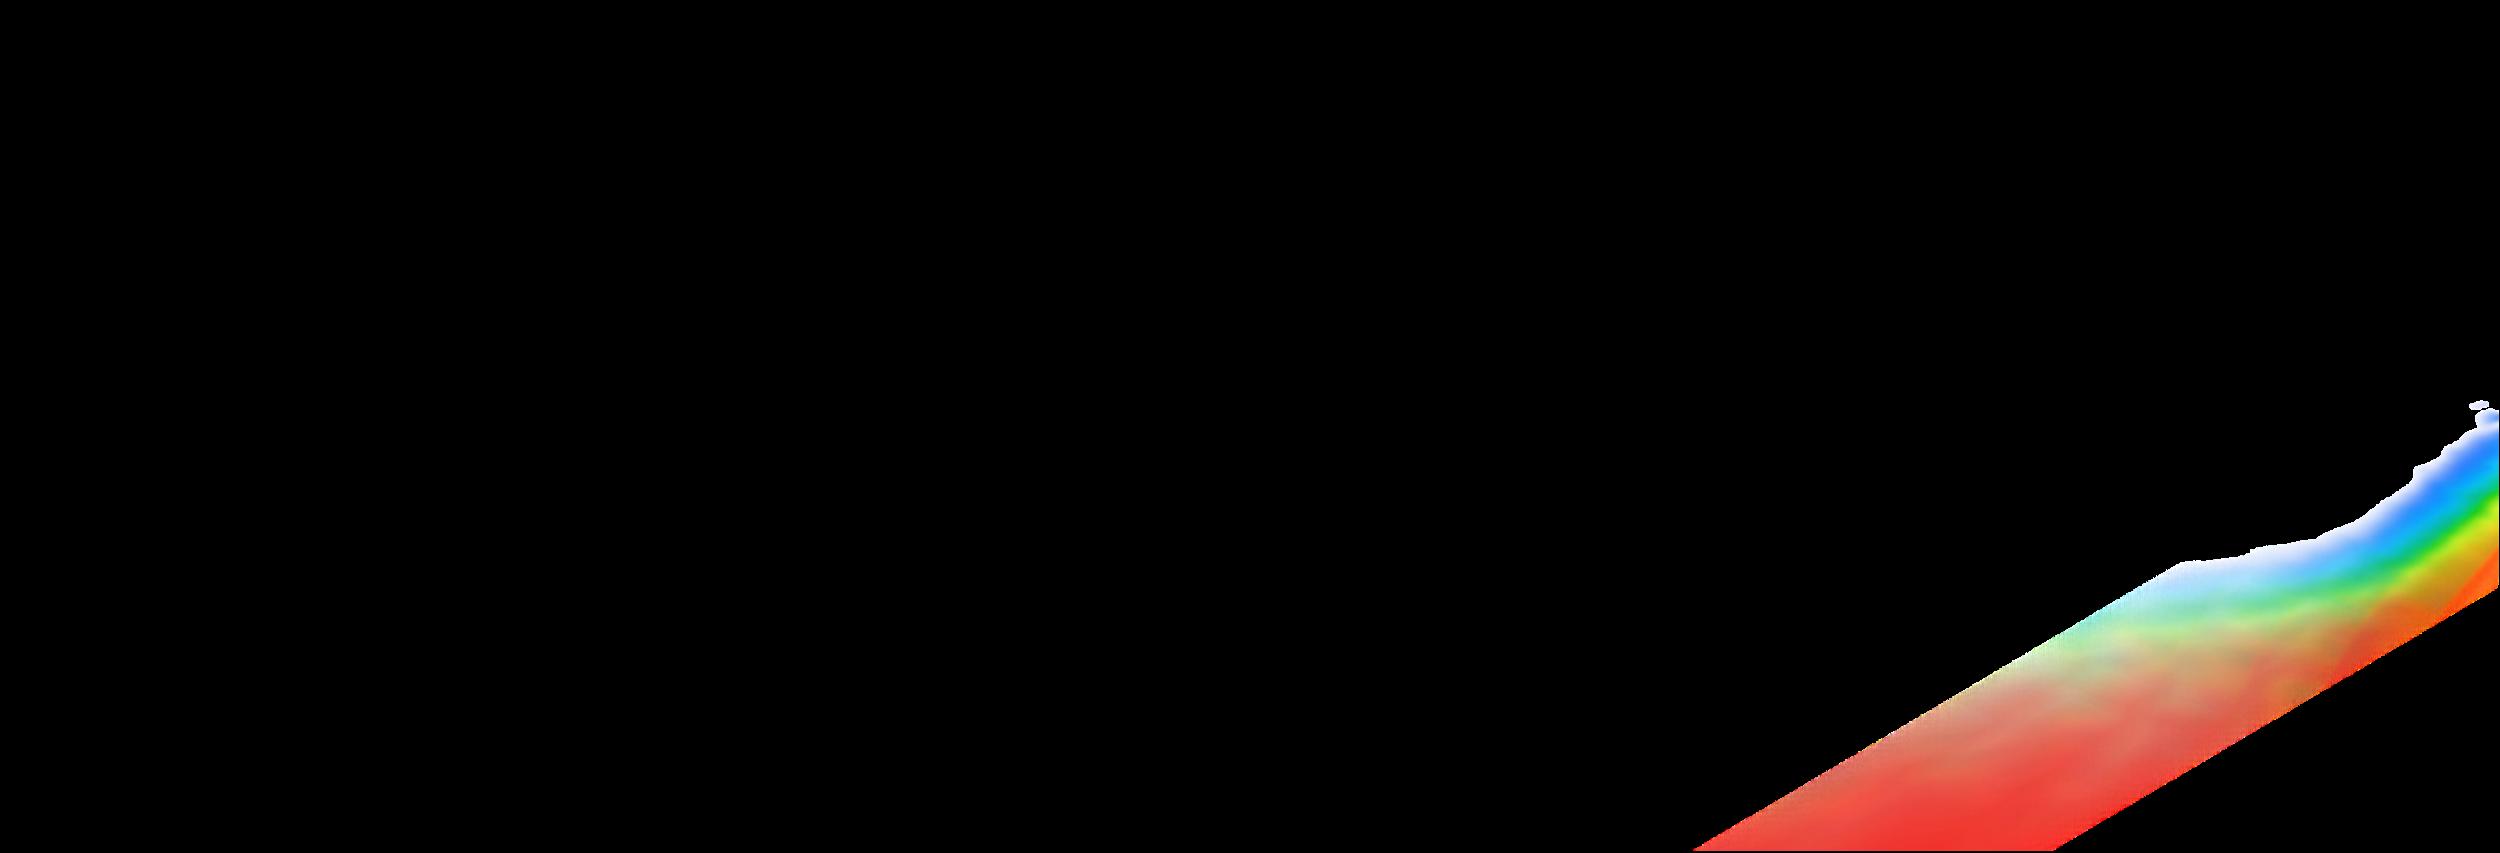 Profile de vitesse - bannière CFD